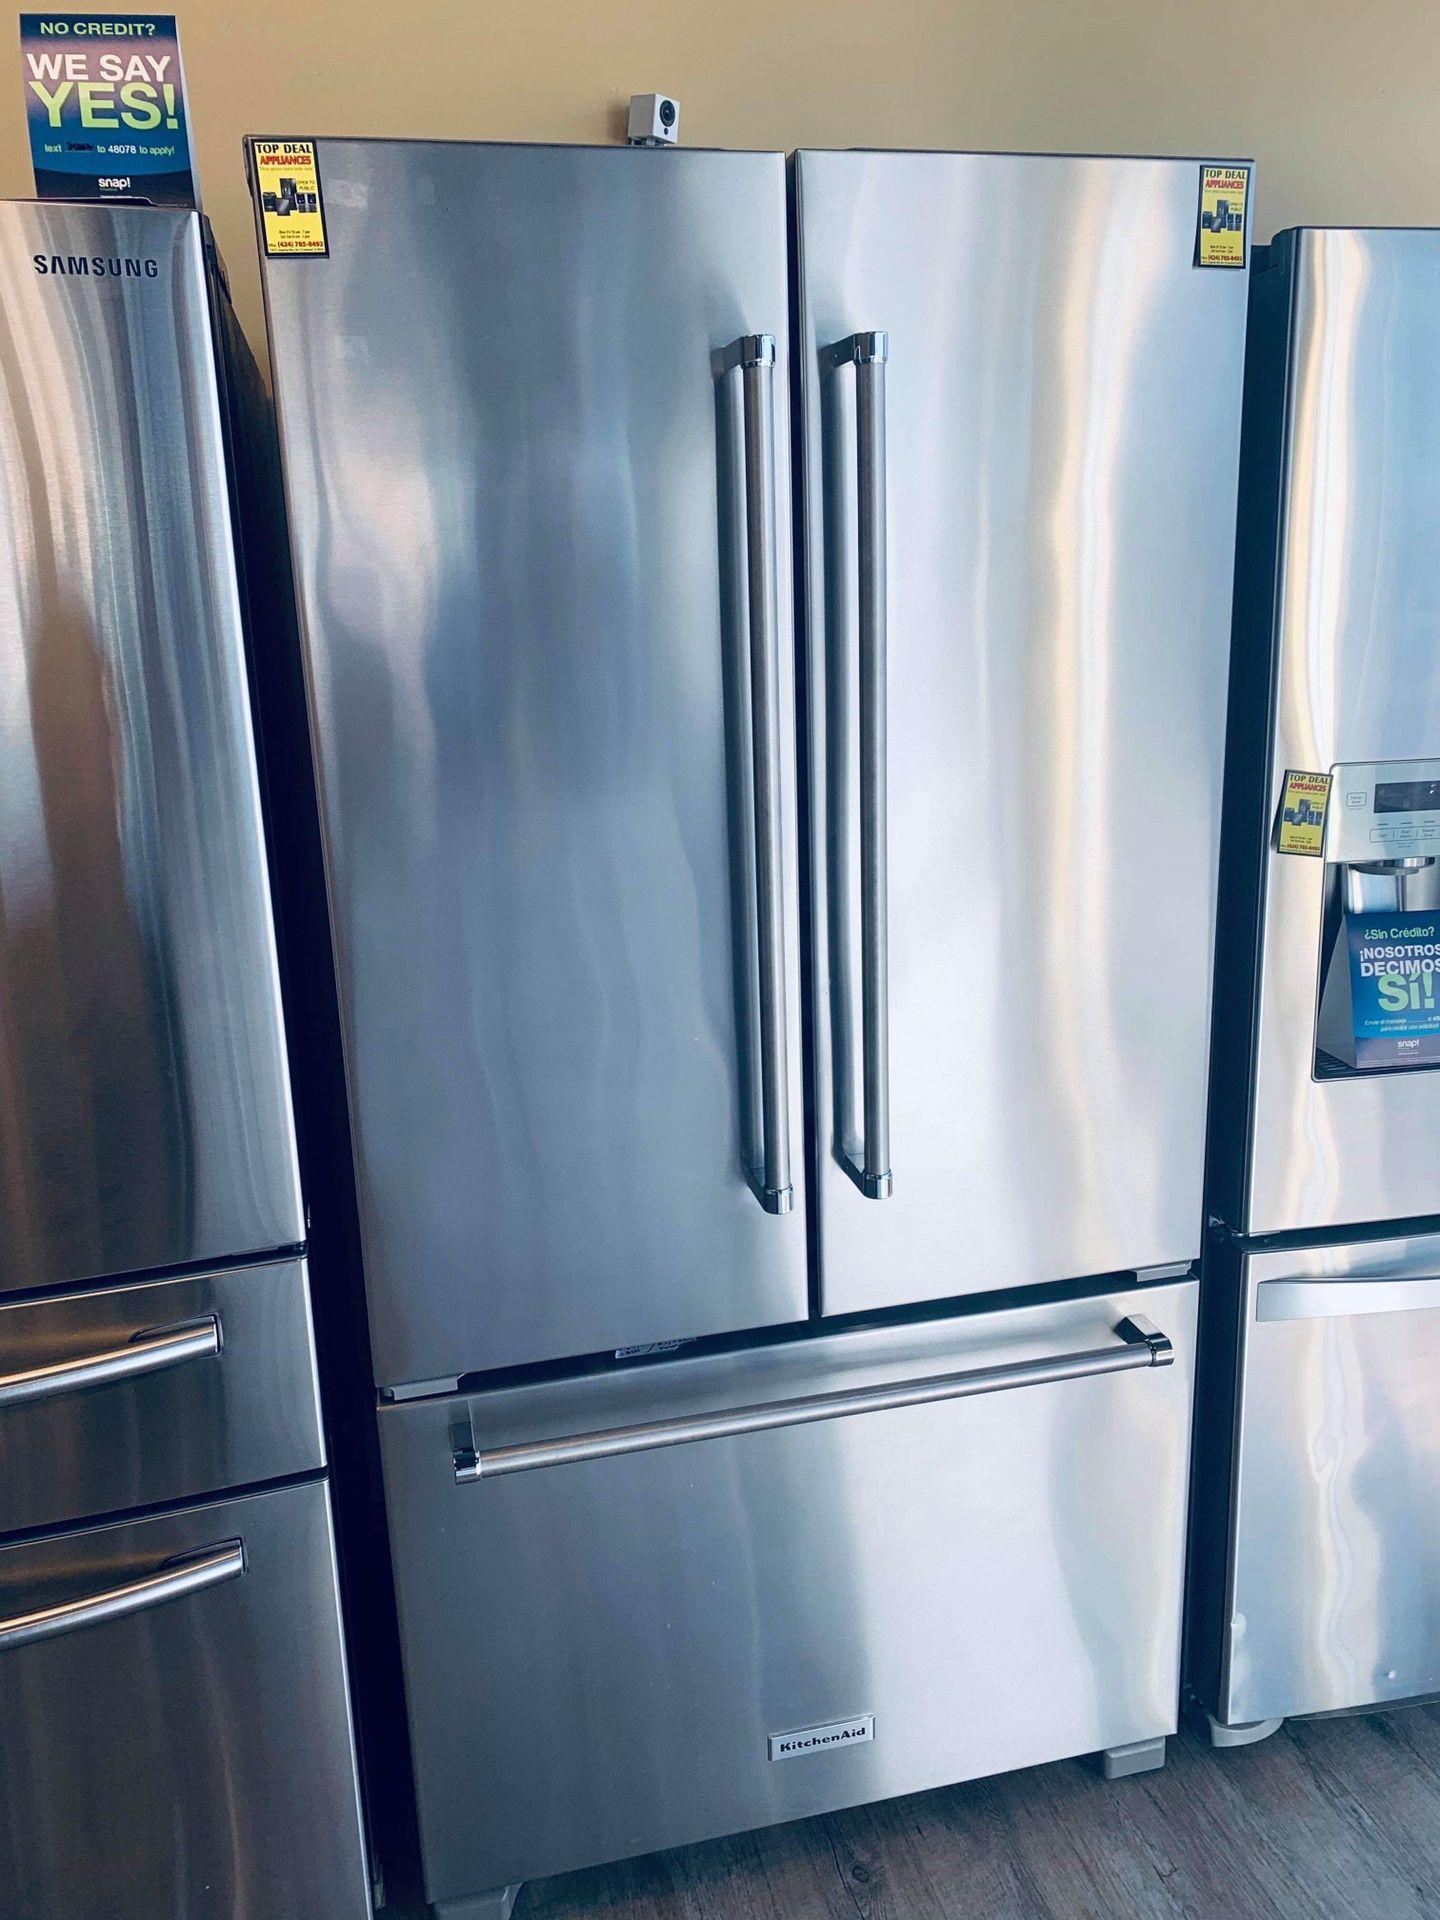 Refrigerator 🥶🥶